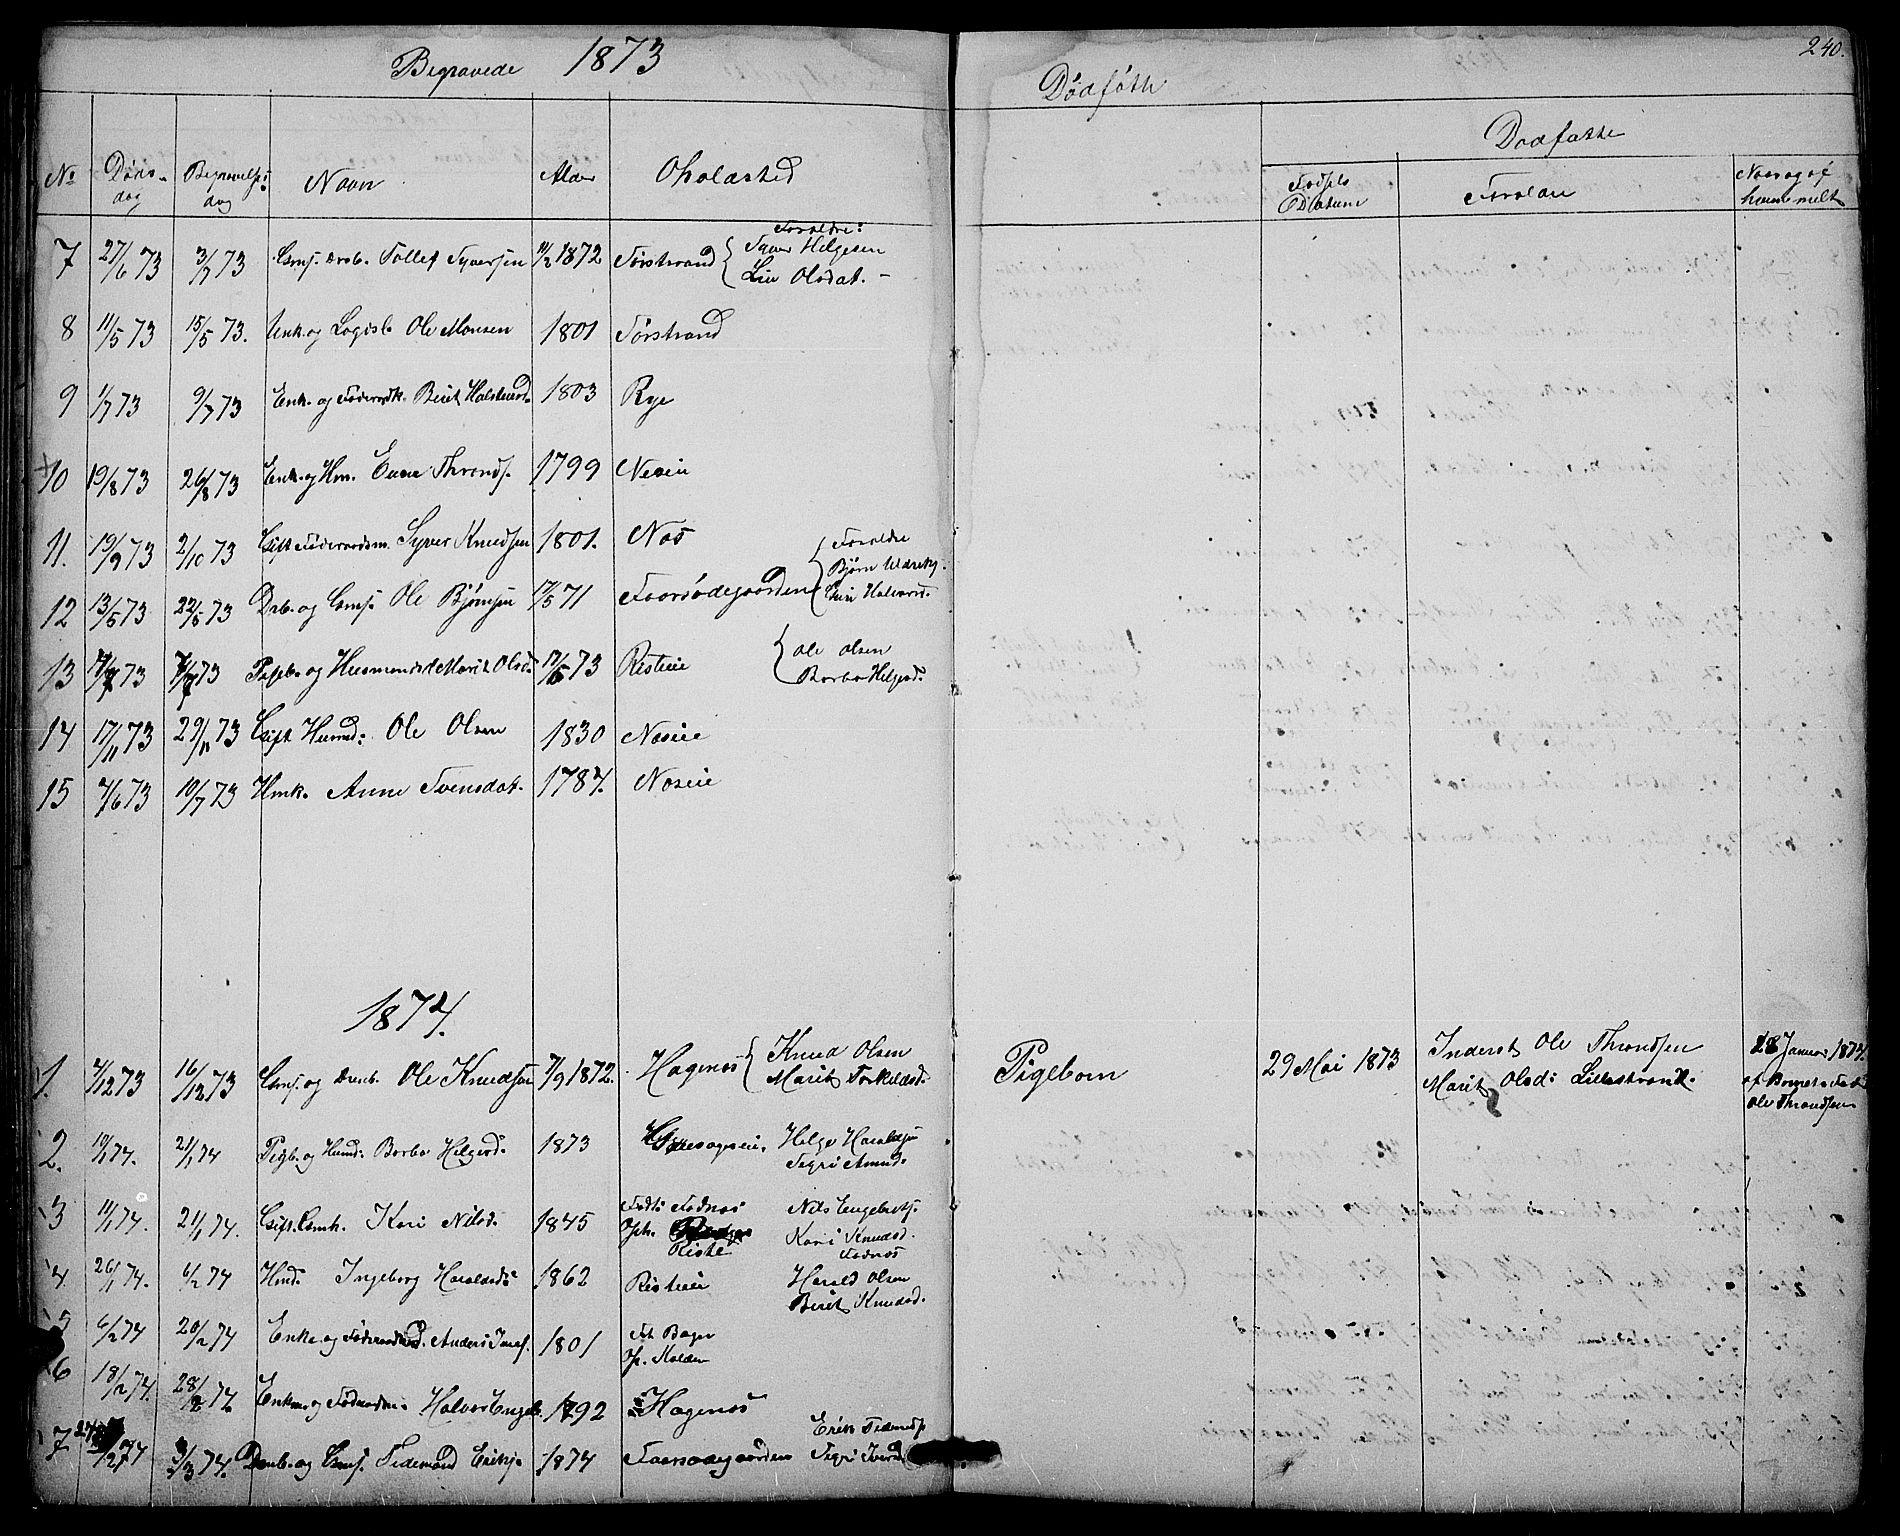 SAH, Nord-Aurdal prestekontor, Klokkerbok nr. 3, 1842-1882, s. 240